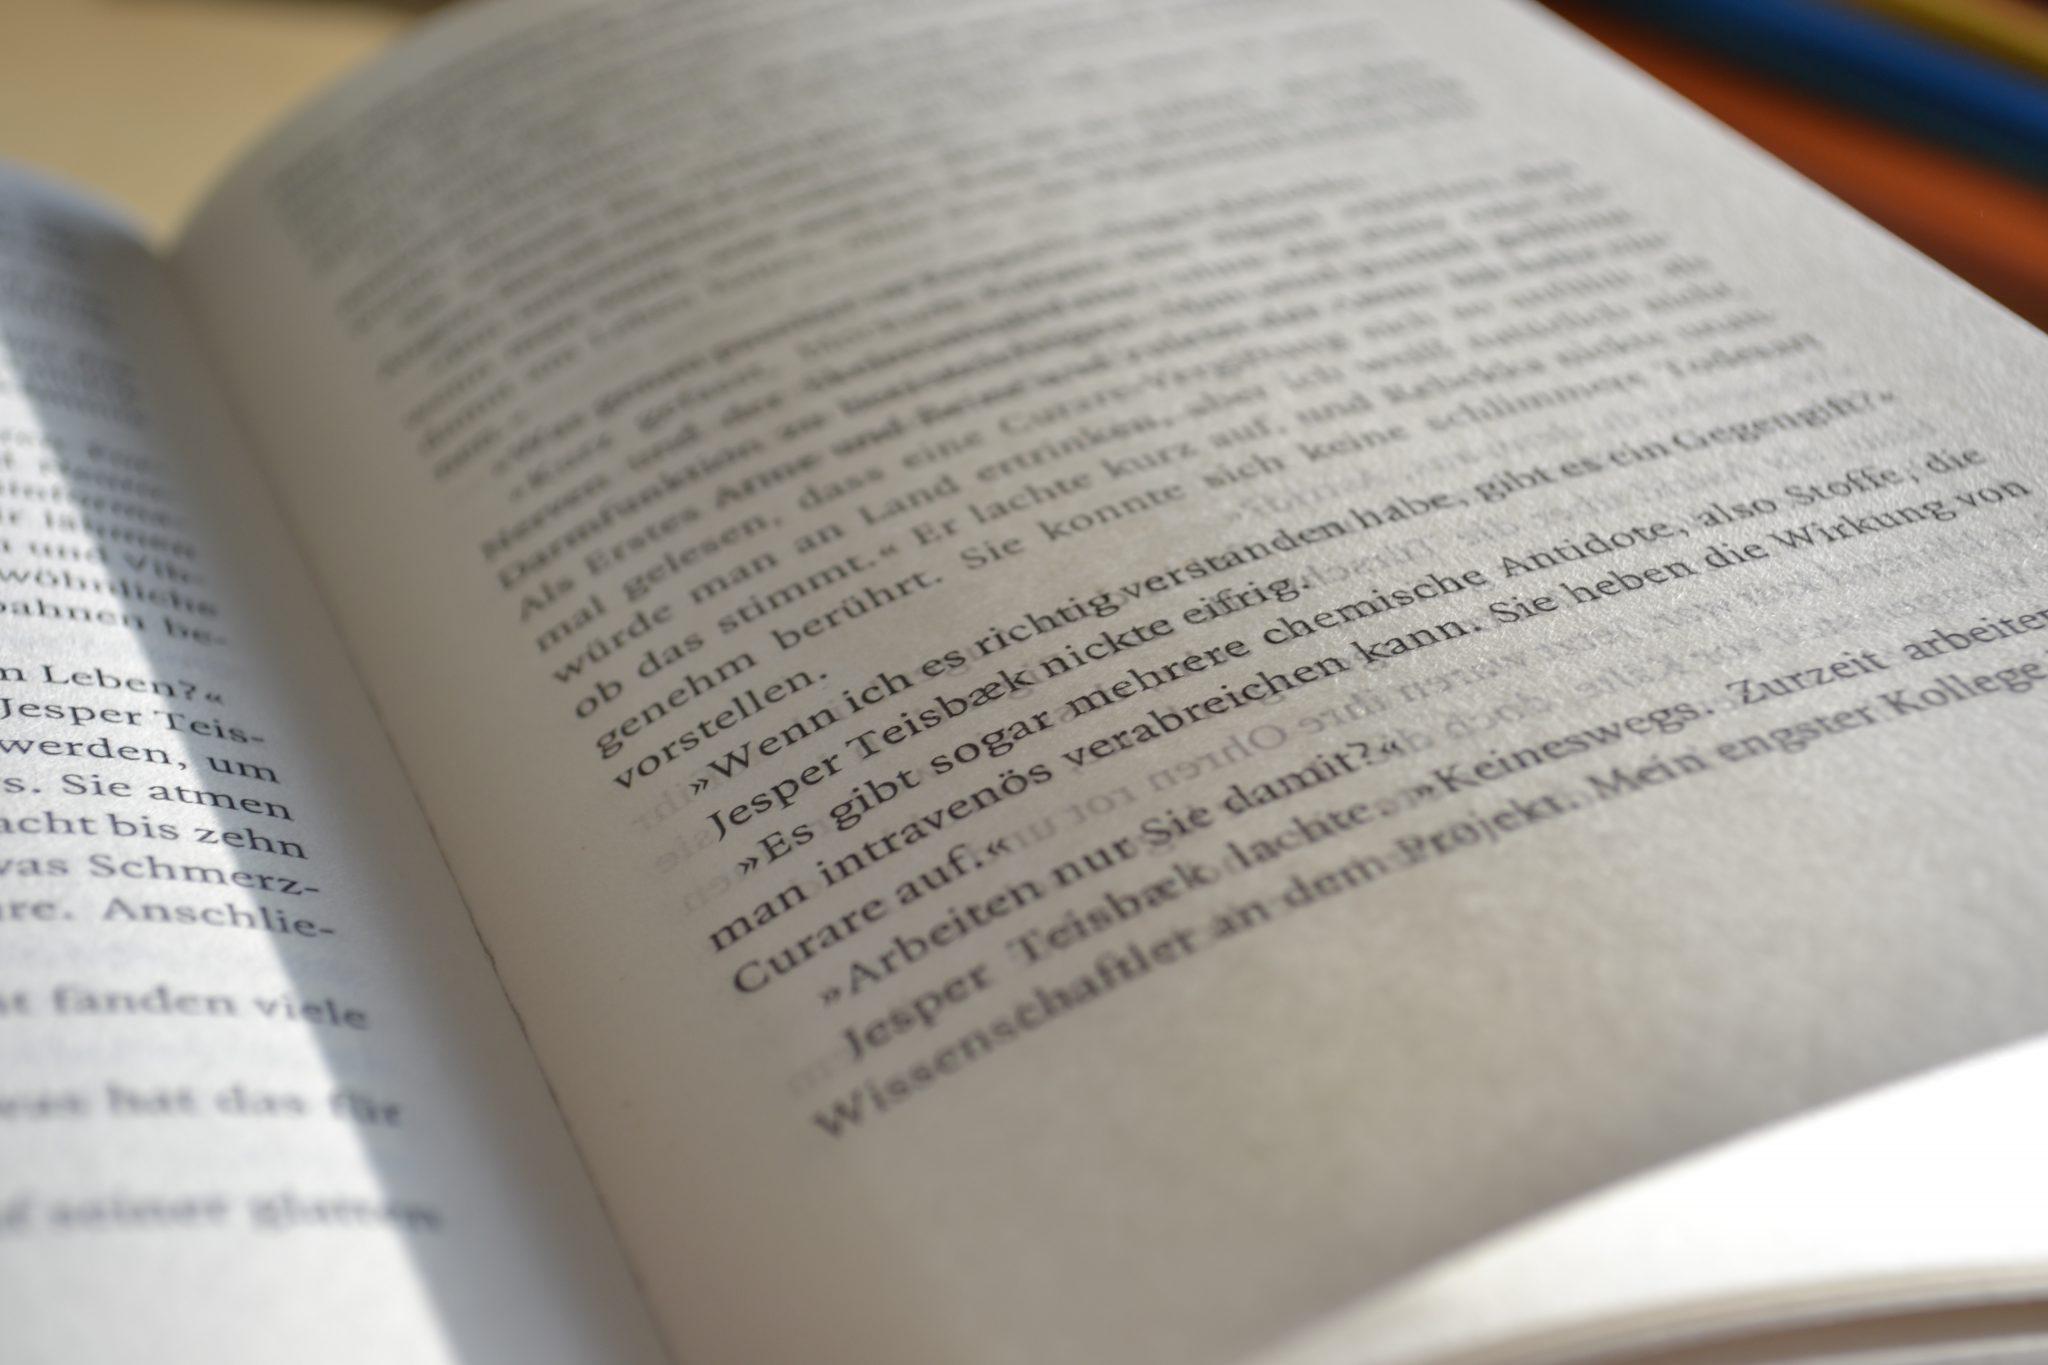 Books: Die Toten am Lyngbysee | Julie Hastrup - dsc 0561